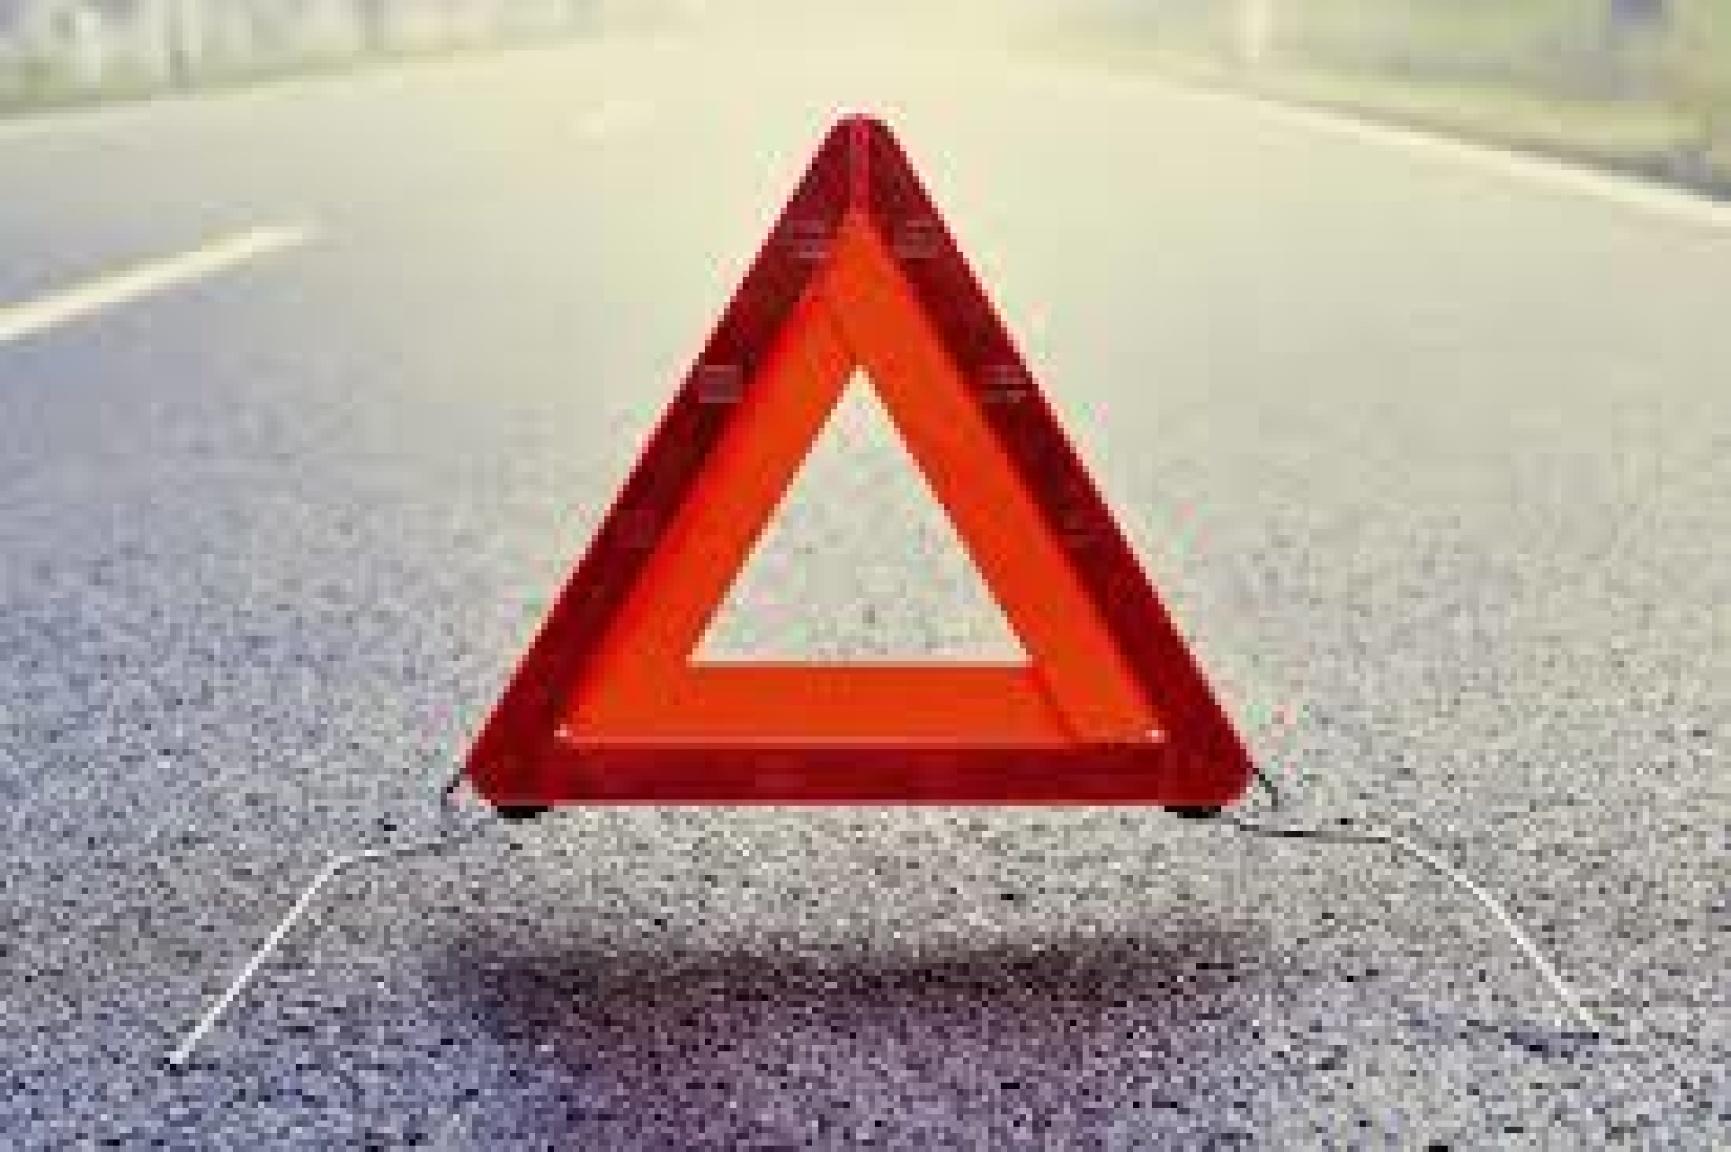 Zorgeloos autorijden-2020-06-08 09:50:01